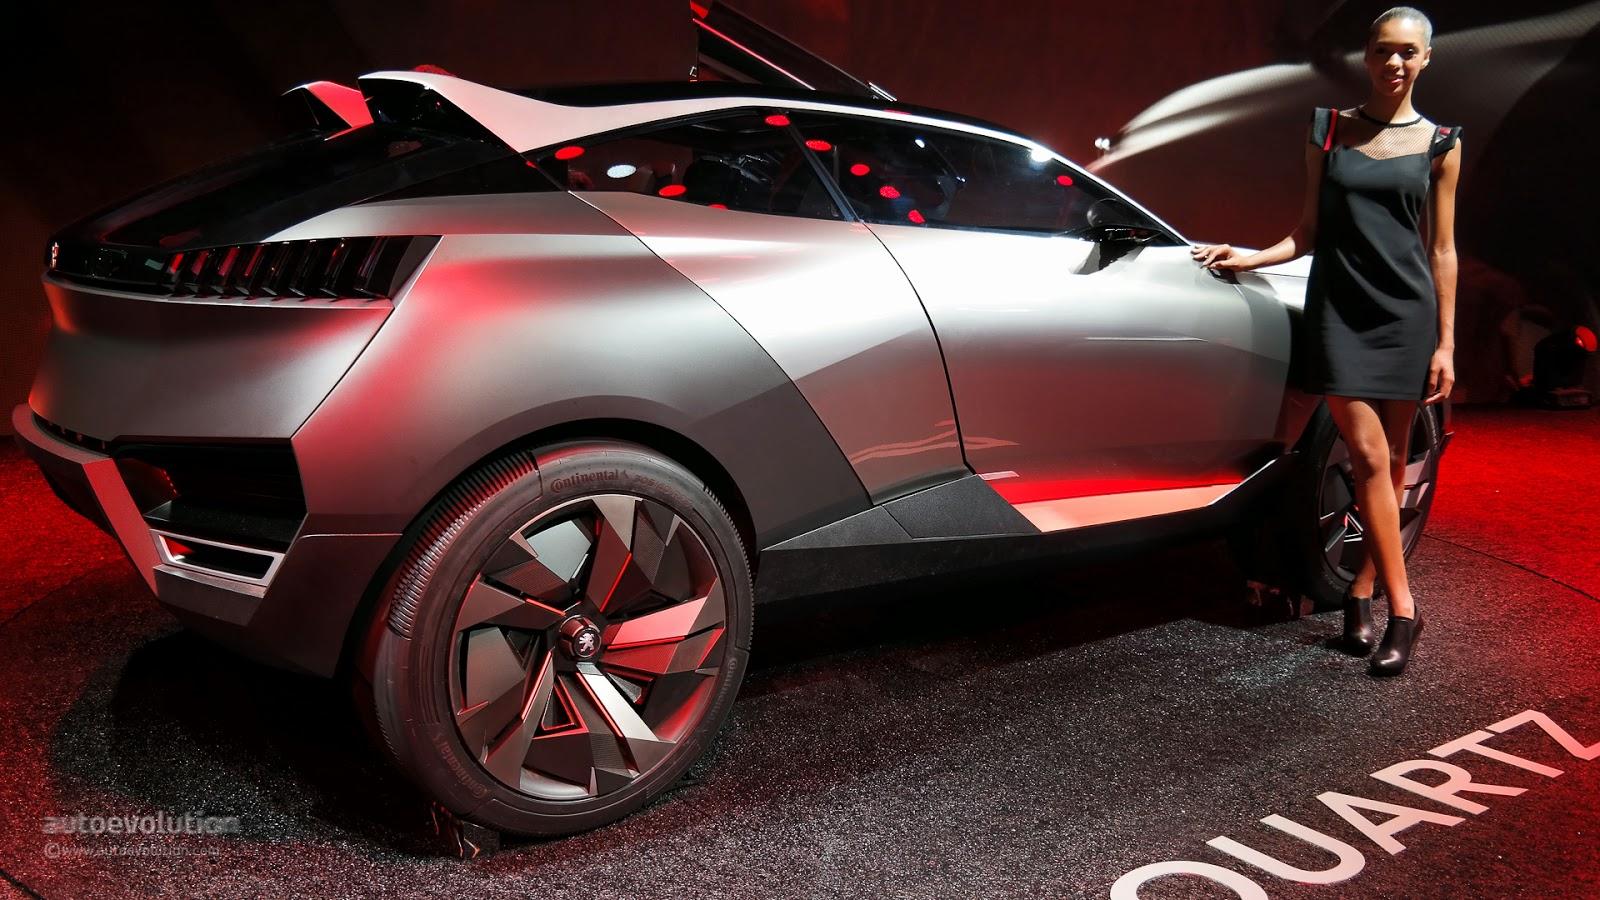 Demo BKB: Peugeot SUV Quartz concept car